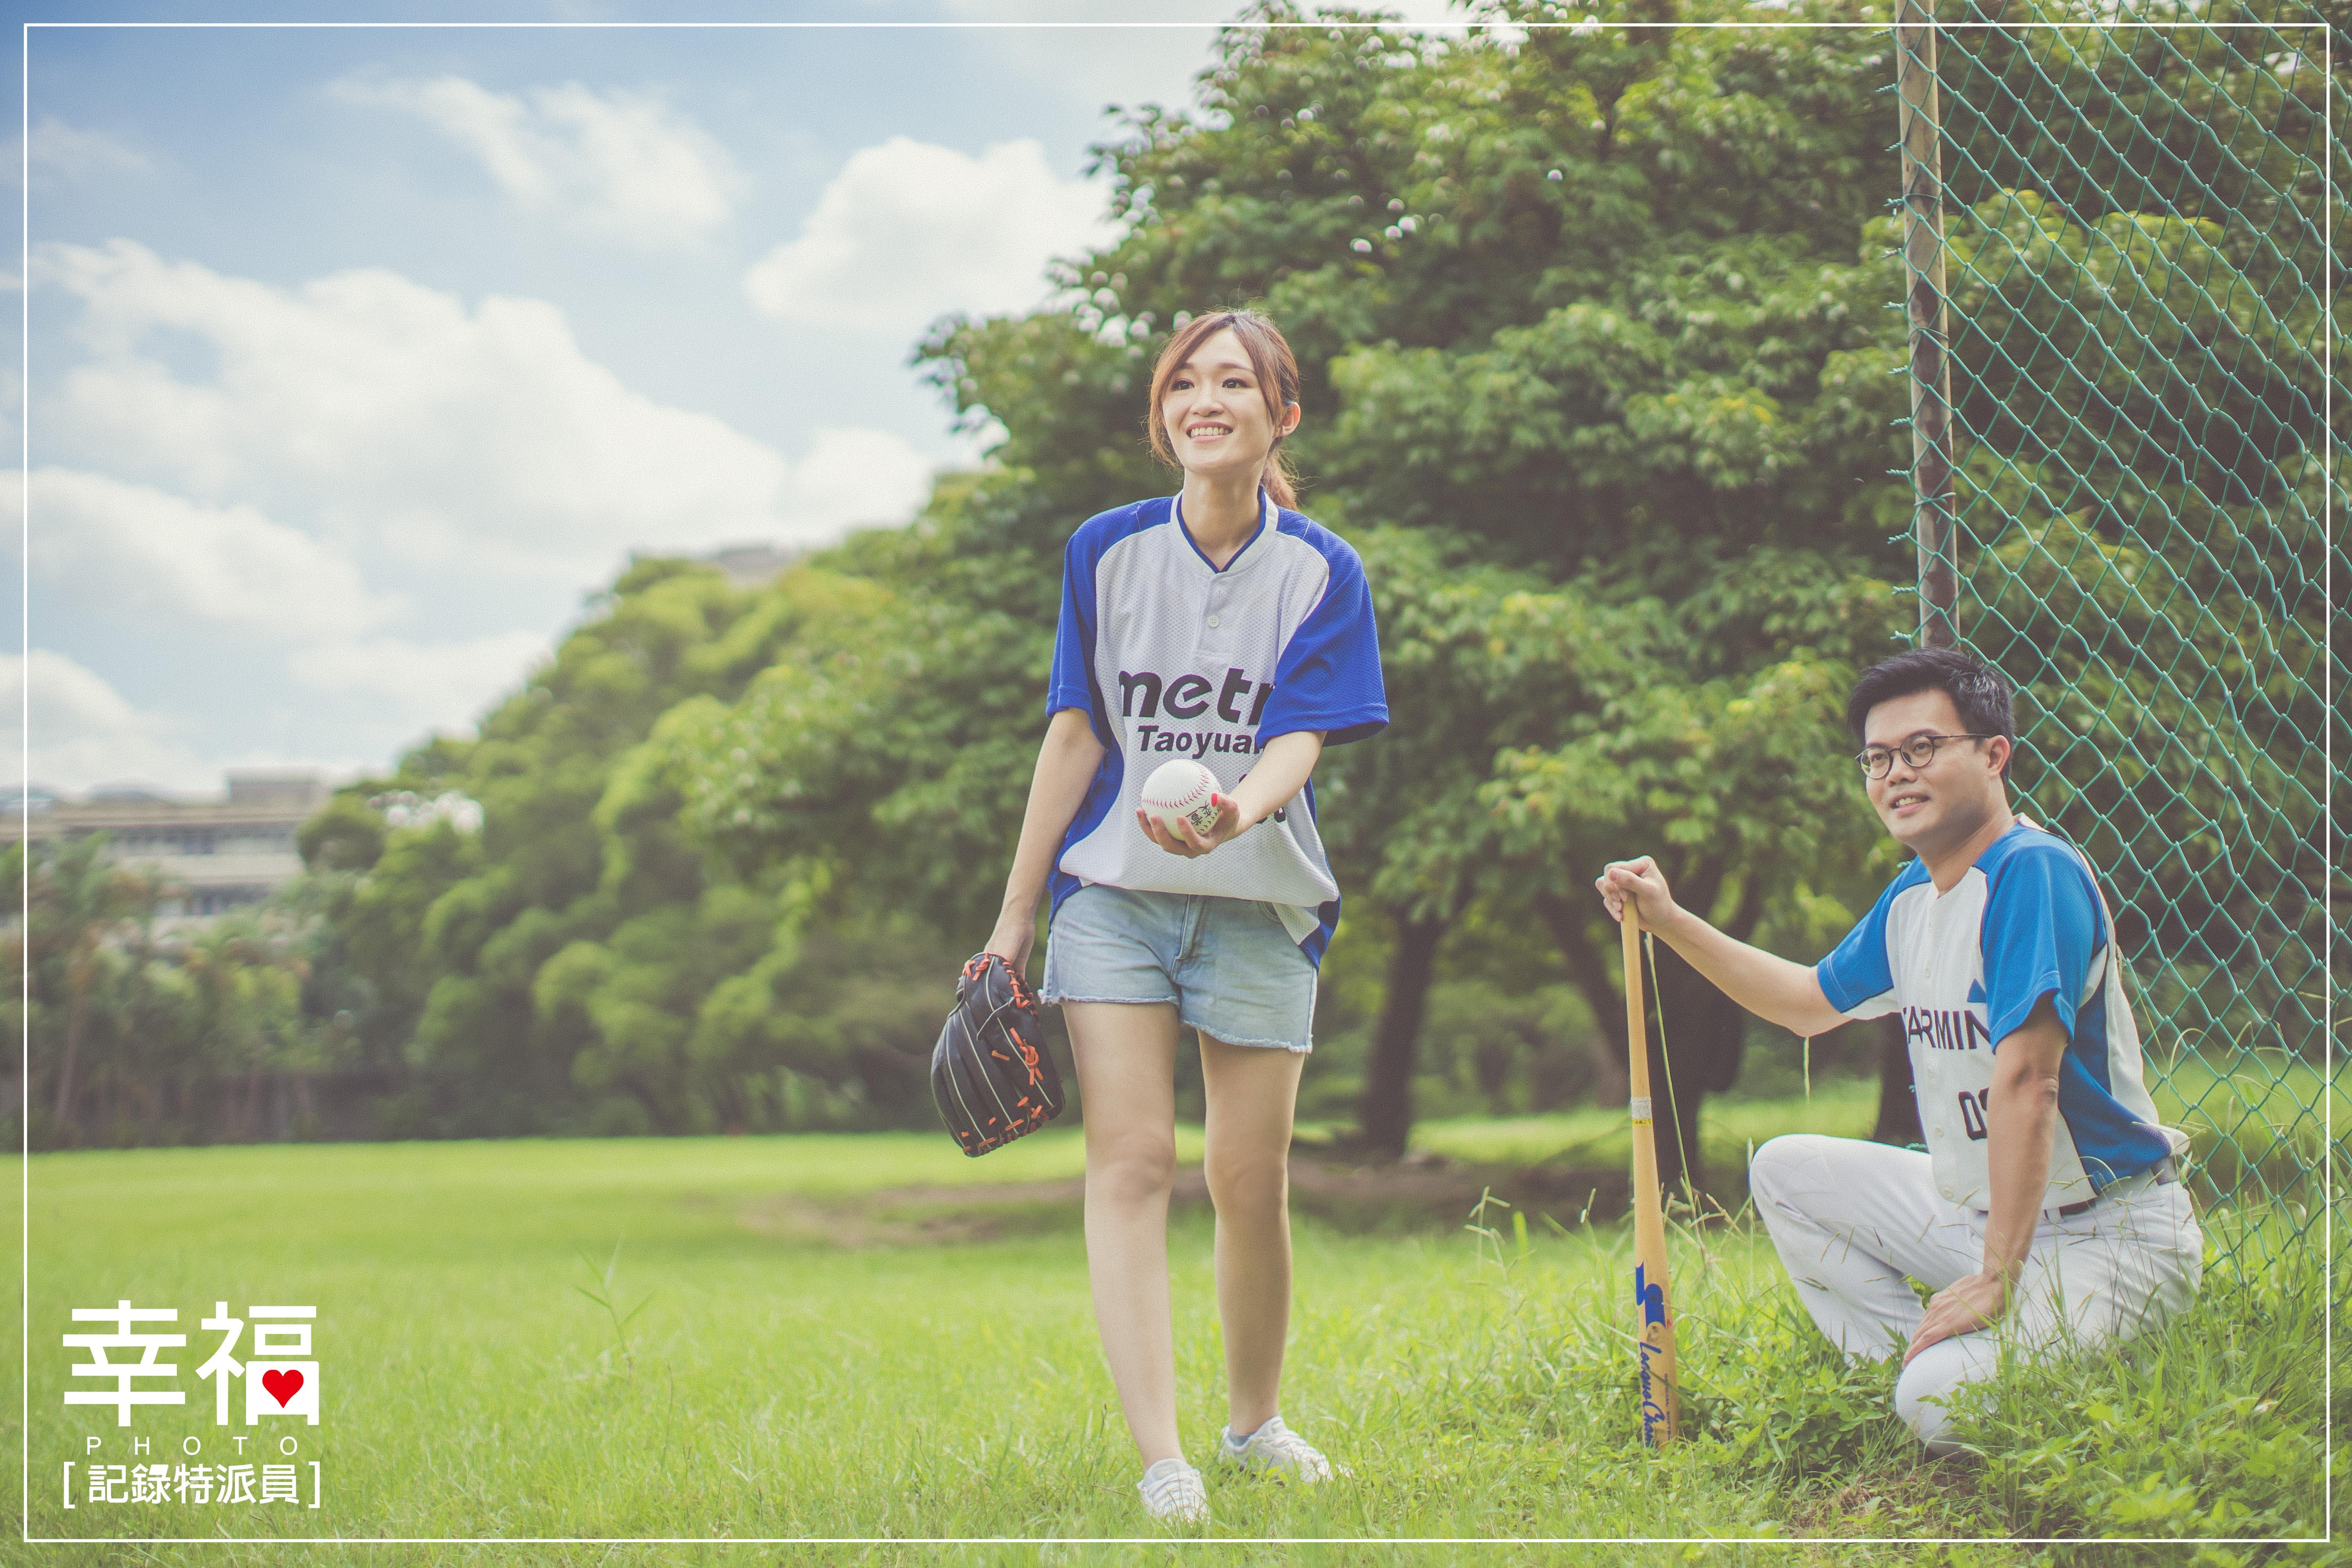 【婚紗攝影】熱情棒球魂